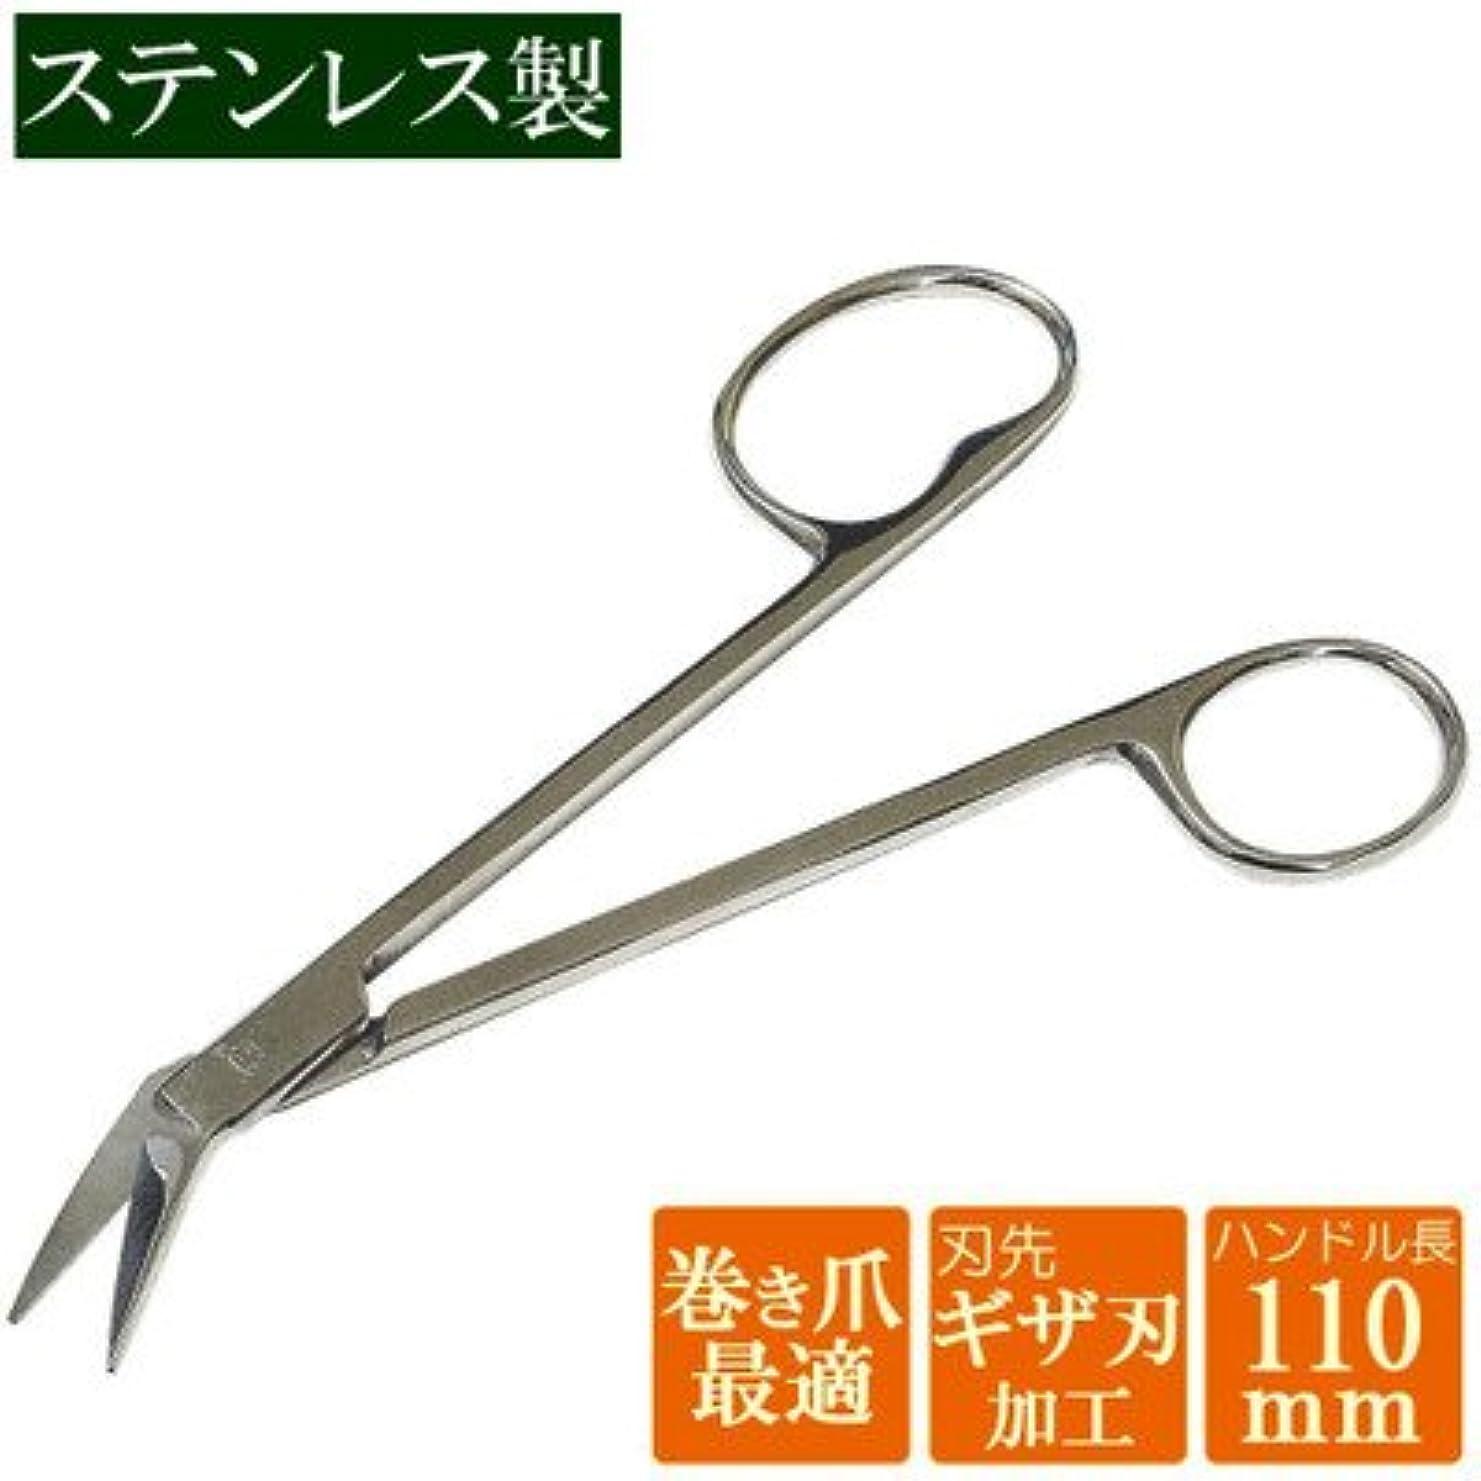 副詞本物光沢88021 ロング足用爪切りハサミ 自由なラインで切れる足用爪切りハサミ